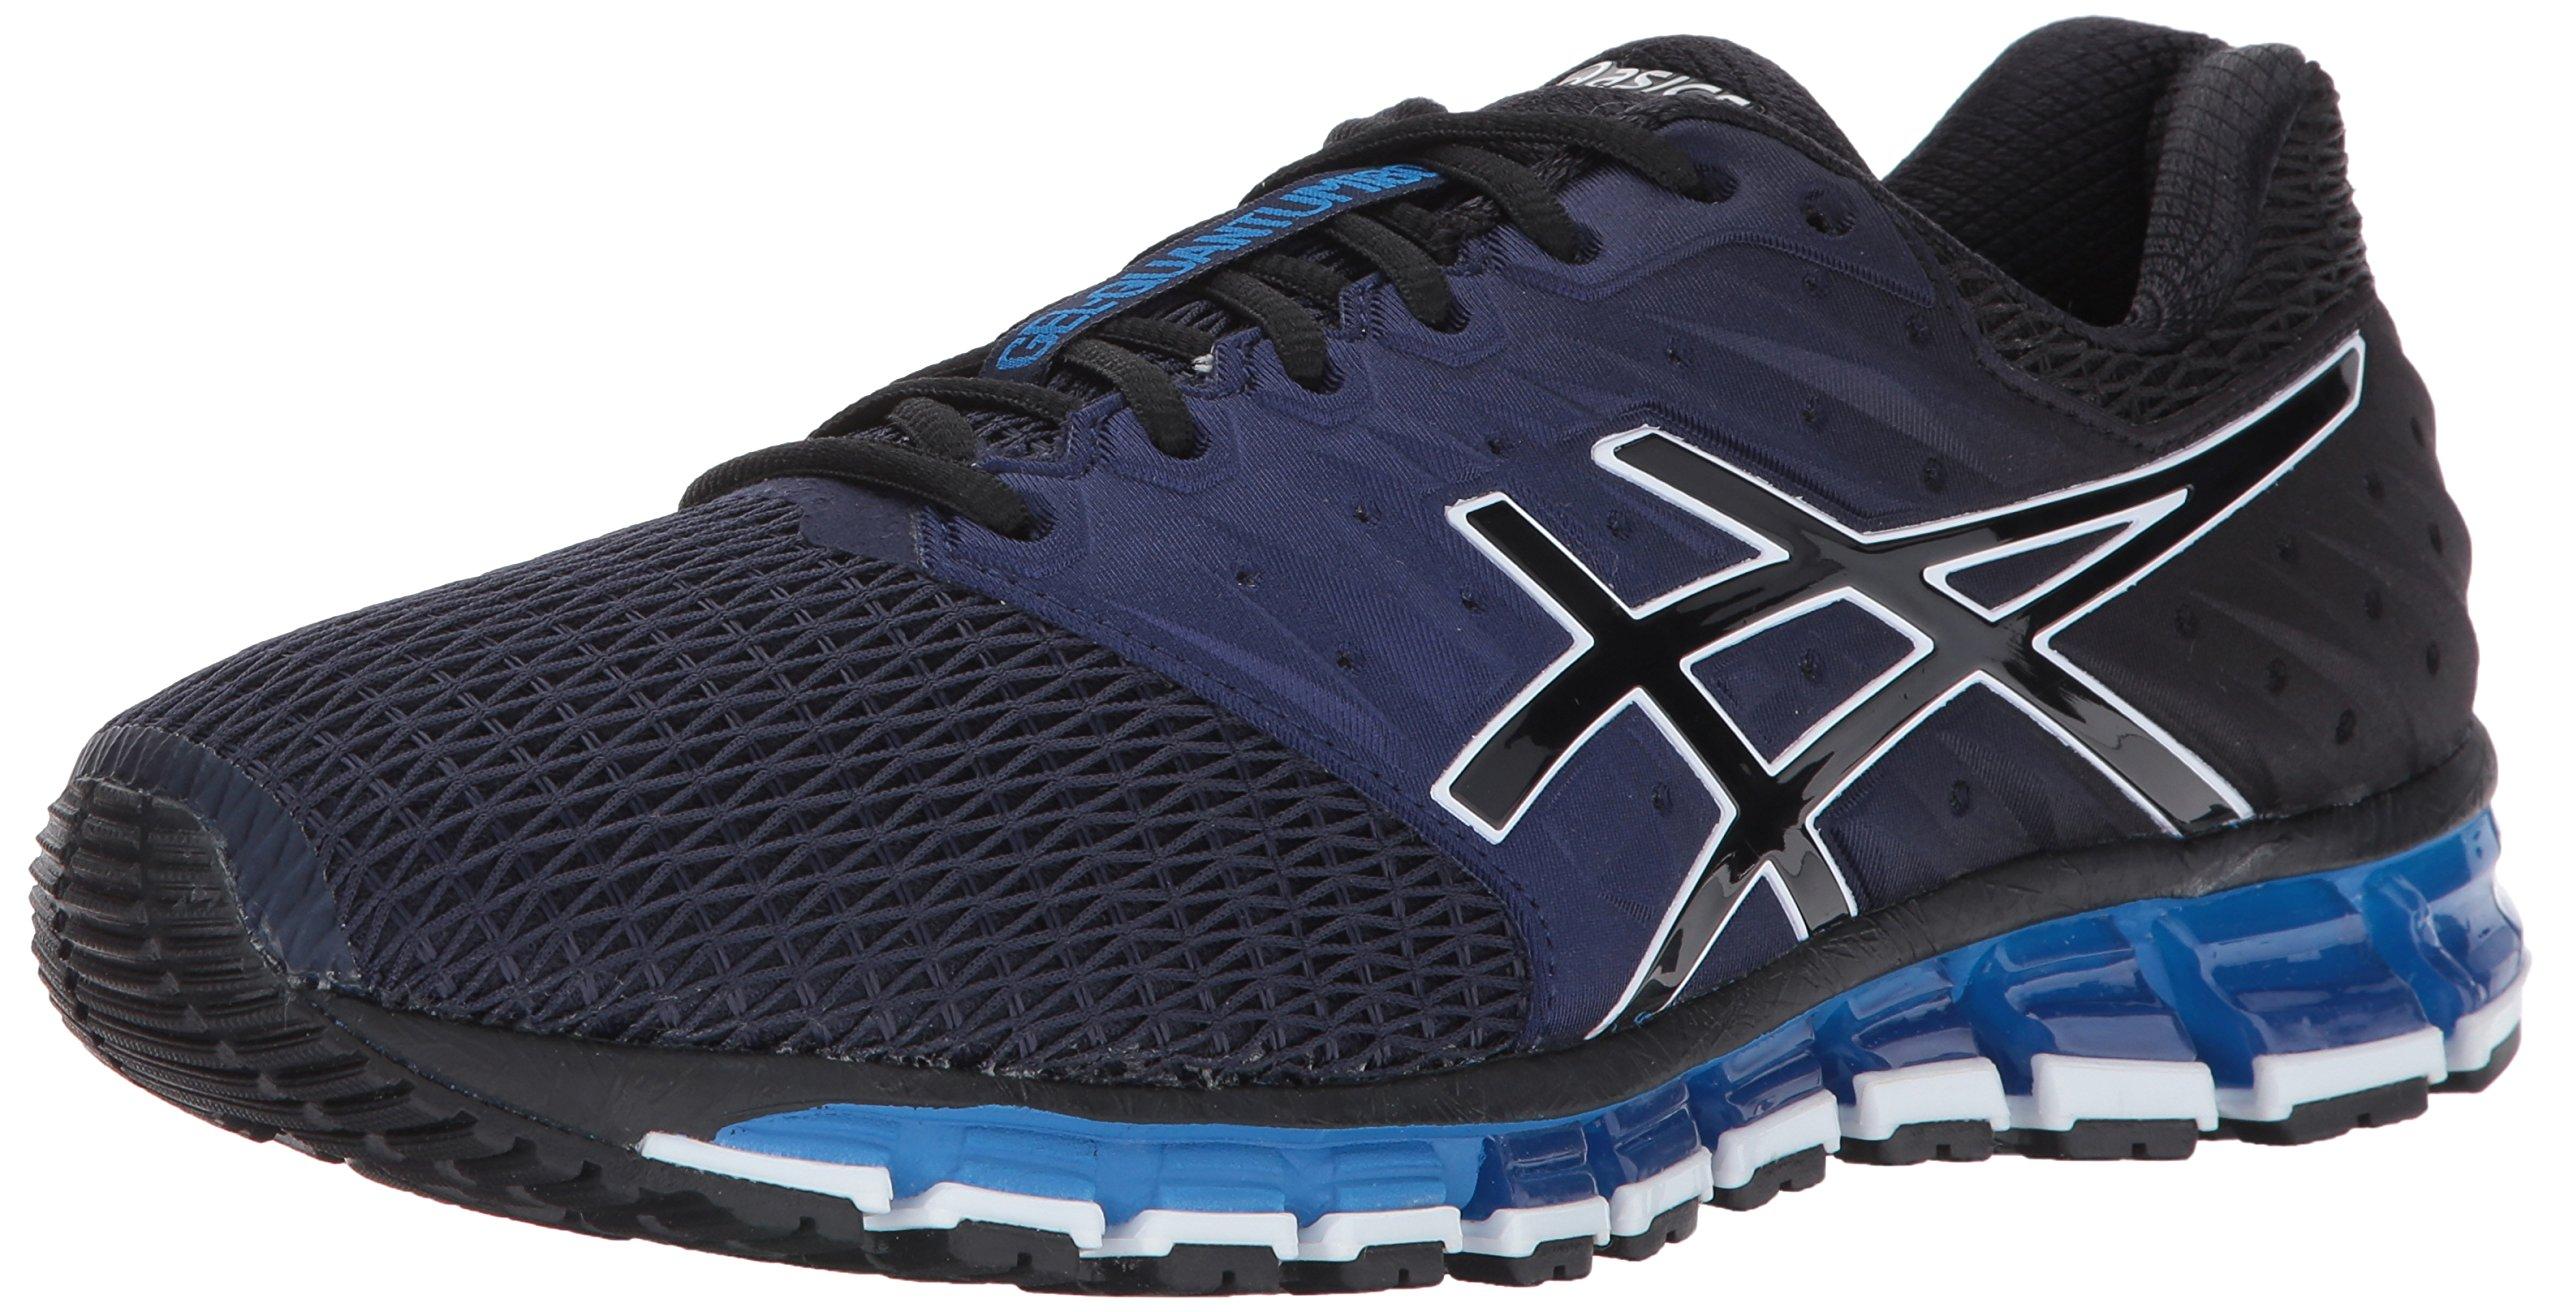 ASICS Men's Gel-Quantum 180 2 Running-Shoes, Peacoat/Black/Directoire Blue, 12 Medium US